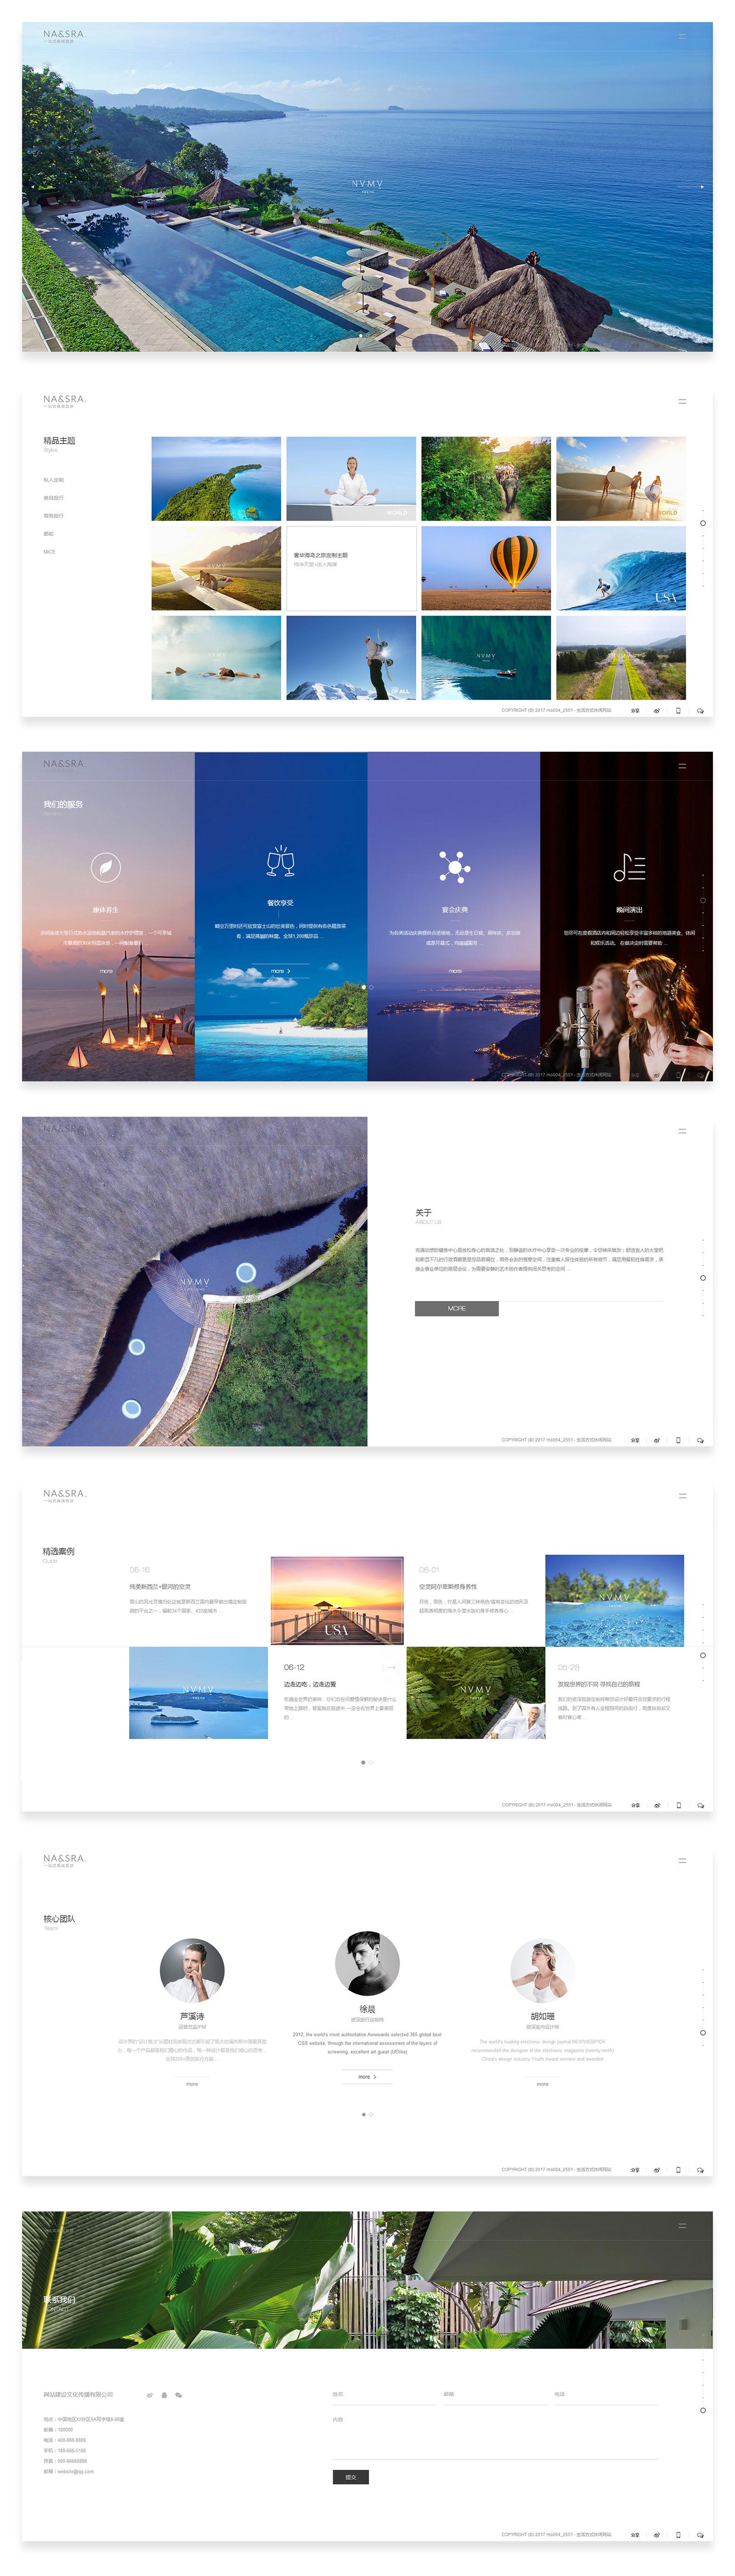 旅游资源生活休闲类织梦模板网站-90咸鱼网